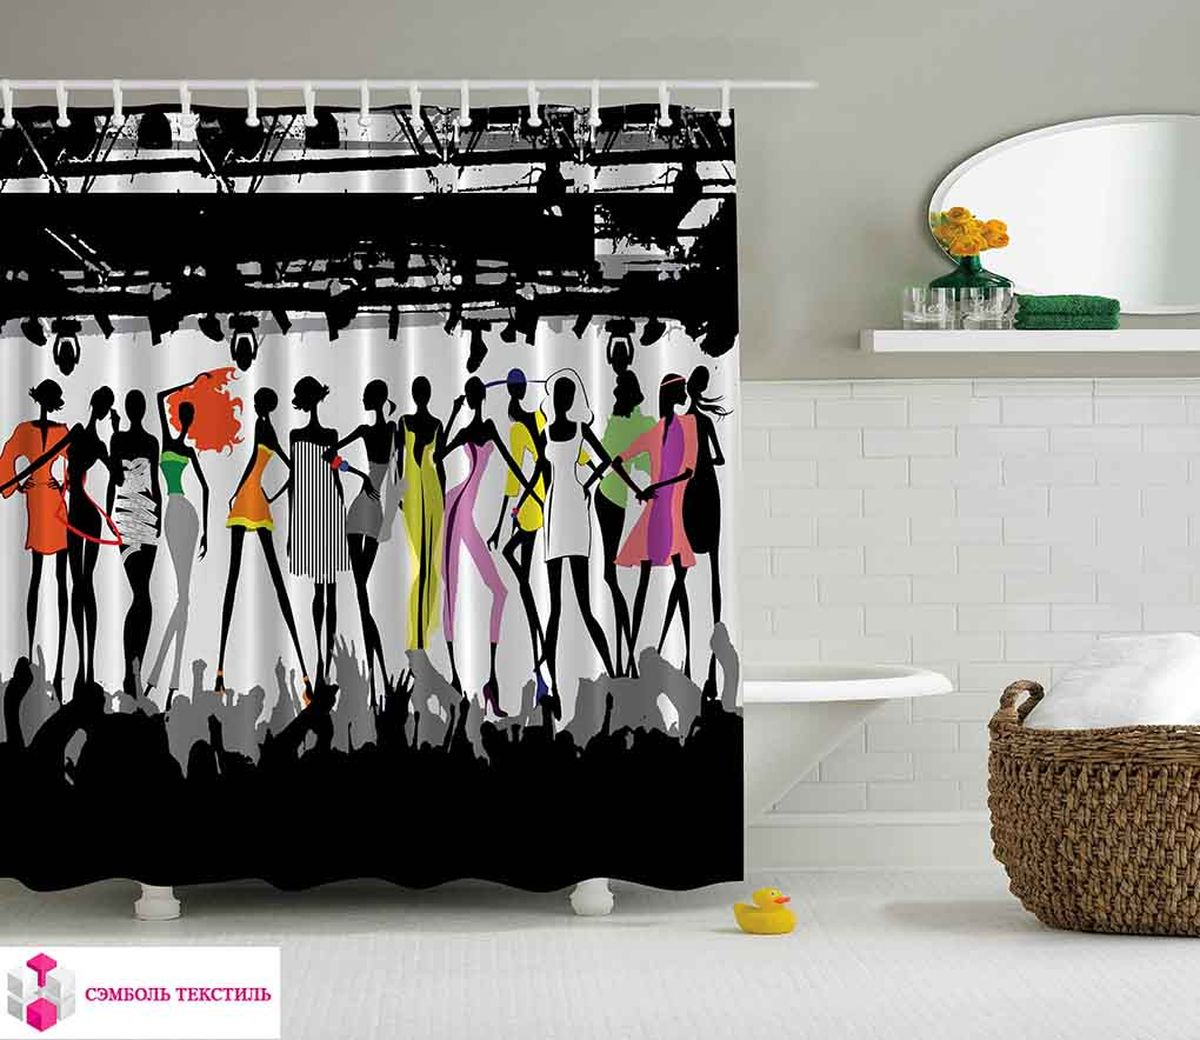 Штора для ванной комнаты Magic Lady Fashion show, 180 х 200 смшв_10225Компания Сэмболь изготавливает шторы из высококачественного сатена (полиэстер 100%). При изготовлении используются специальные гипоаллергенные чернила для прямой печати по ткани, безопасные для человека и животных. Экологичность продукции Magic lady и безопасность для окружающей среды подтверждены сертификатом Oeko-Tex Standard 100. Крепление: крючки (12 шт.). Внимание! При нанесении сублимационной печати на ткань технологическим методом при температуре 240 С, возможно отклонение полученных размеров, указанных на этикетке и сайте, от стандартных на + - 3-5 см. Мы стараемся максимально точно передать цвета изделия на наших фотографиях, однако искажения неизбежны и фактический цвет изделия может отличаться от воспринимаемого по фото. Обратите внимание! Шторы изготовлены из полиэстра сатенового переплетения, а не из сатина (хлопок). Размер шторы 180*200 см. В комплекте 1 штора и 12 крючков.